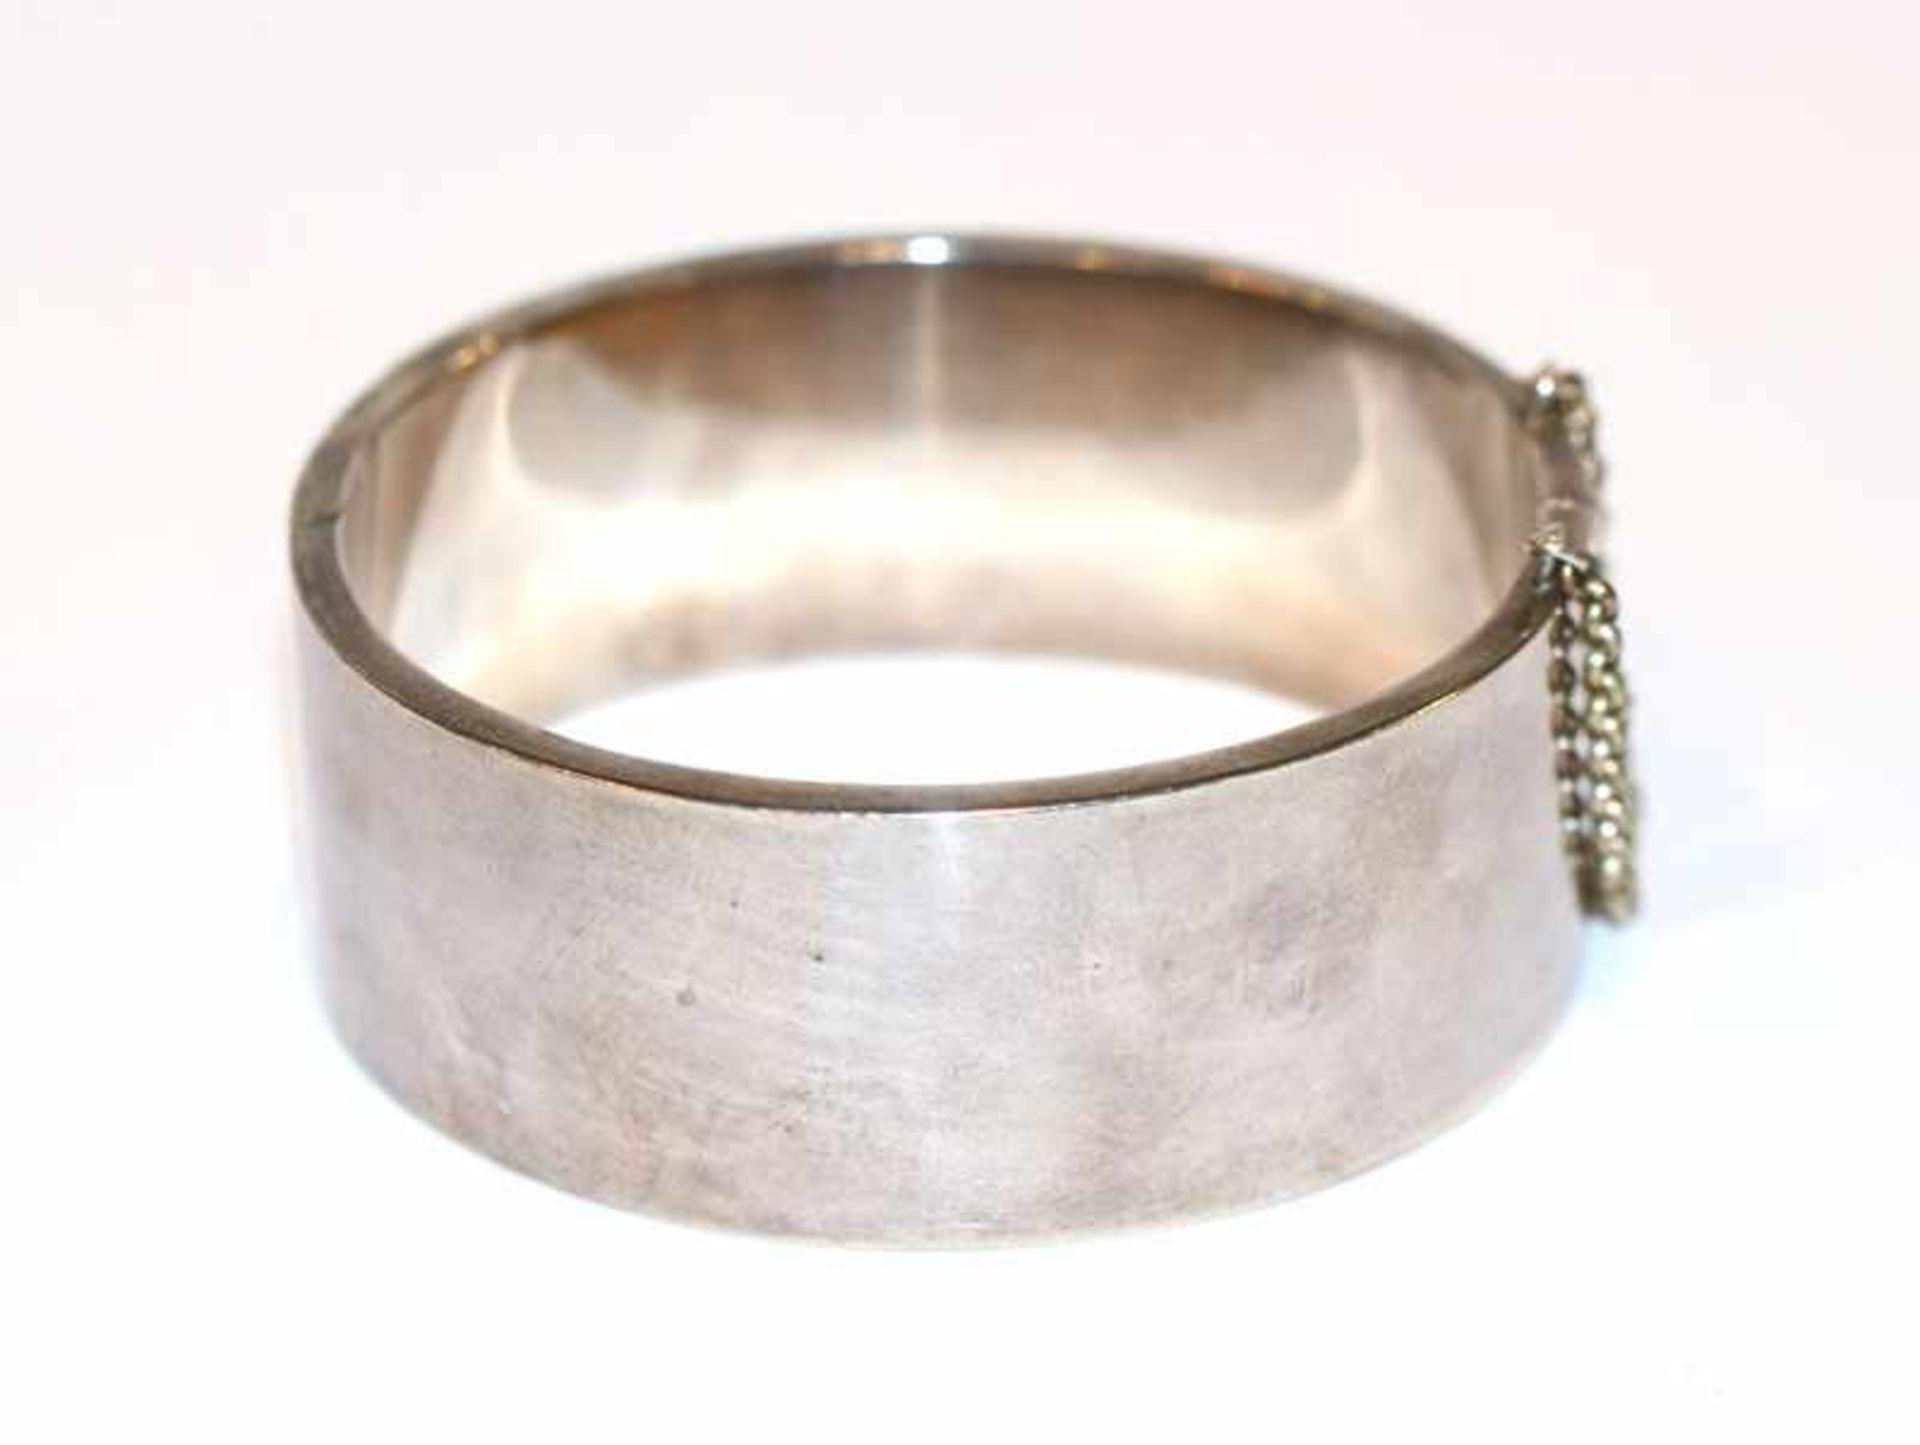 Los 21 - Armreif, 925 Silber, 40 gr., D 6 cm, leichte Tragespuren